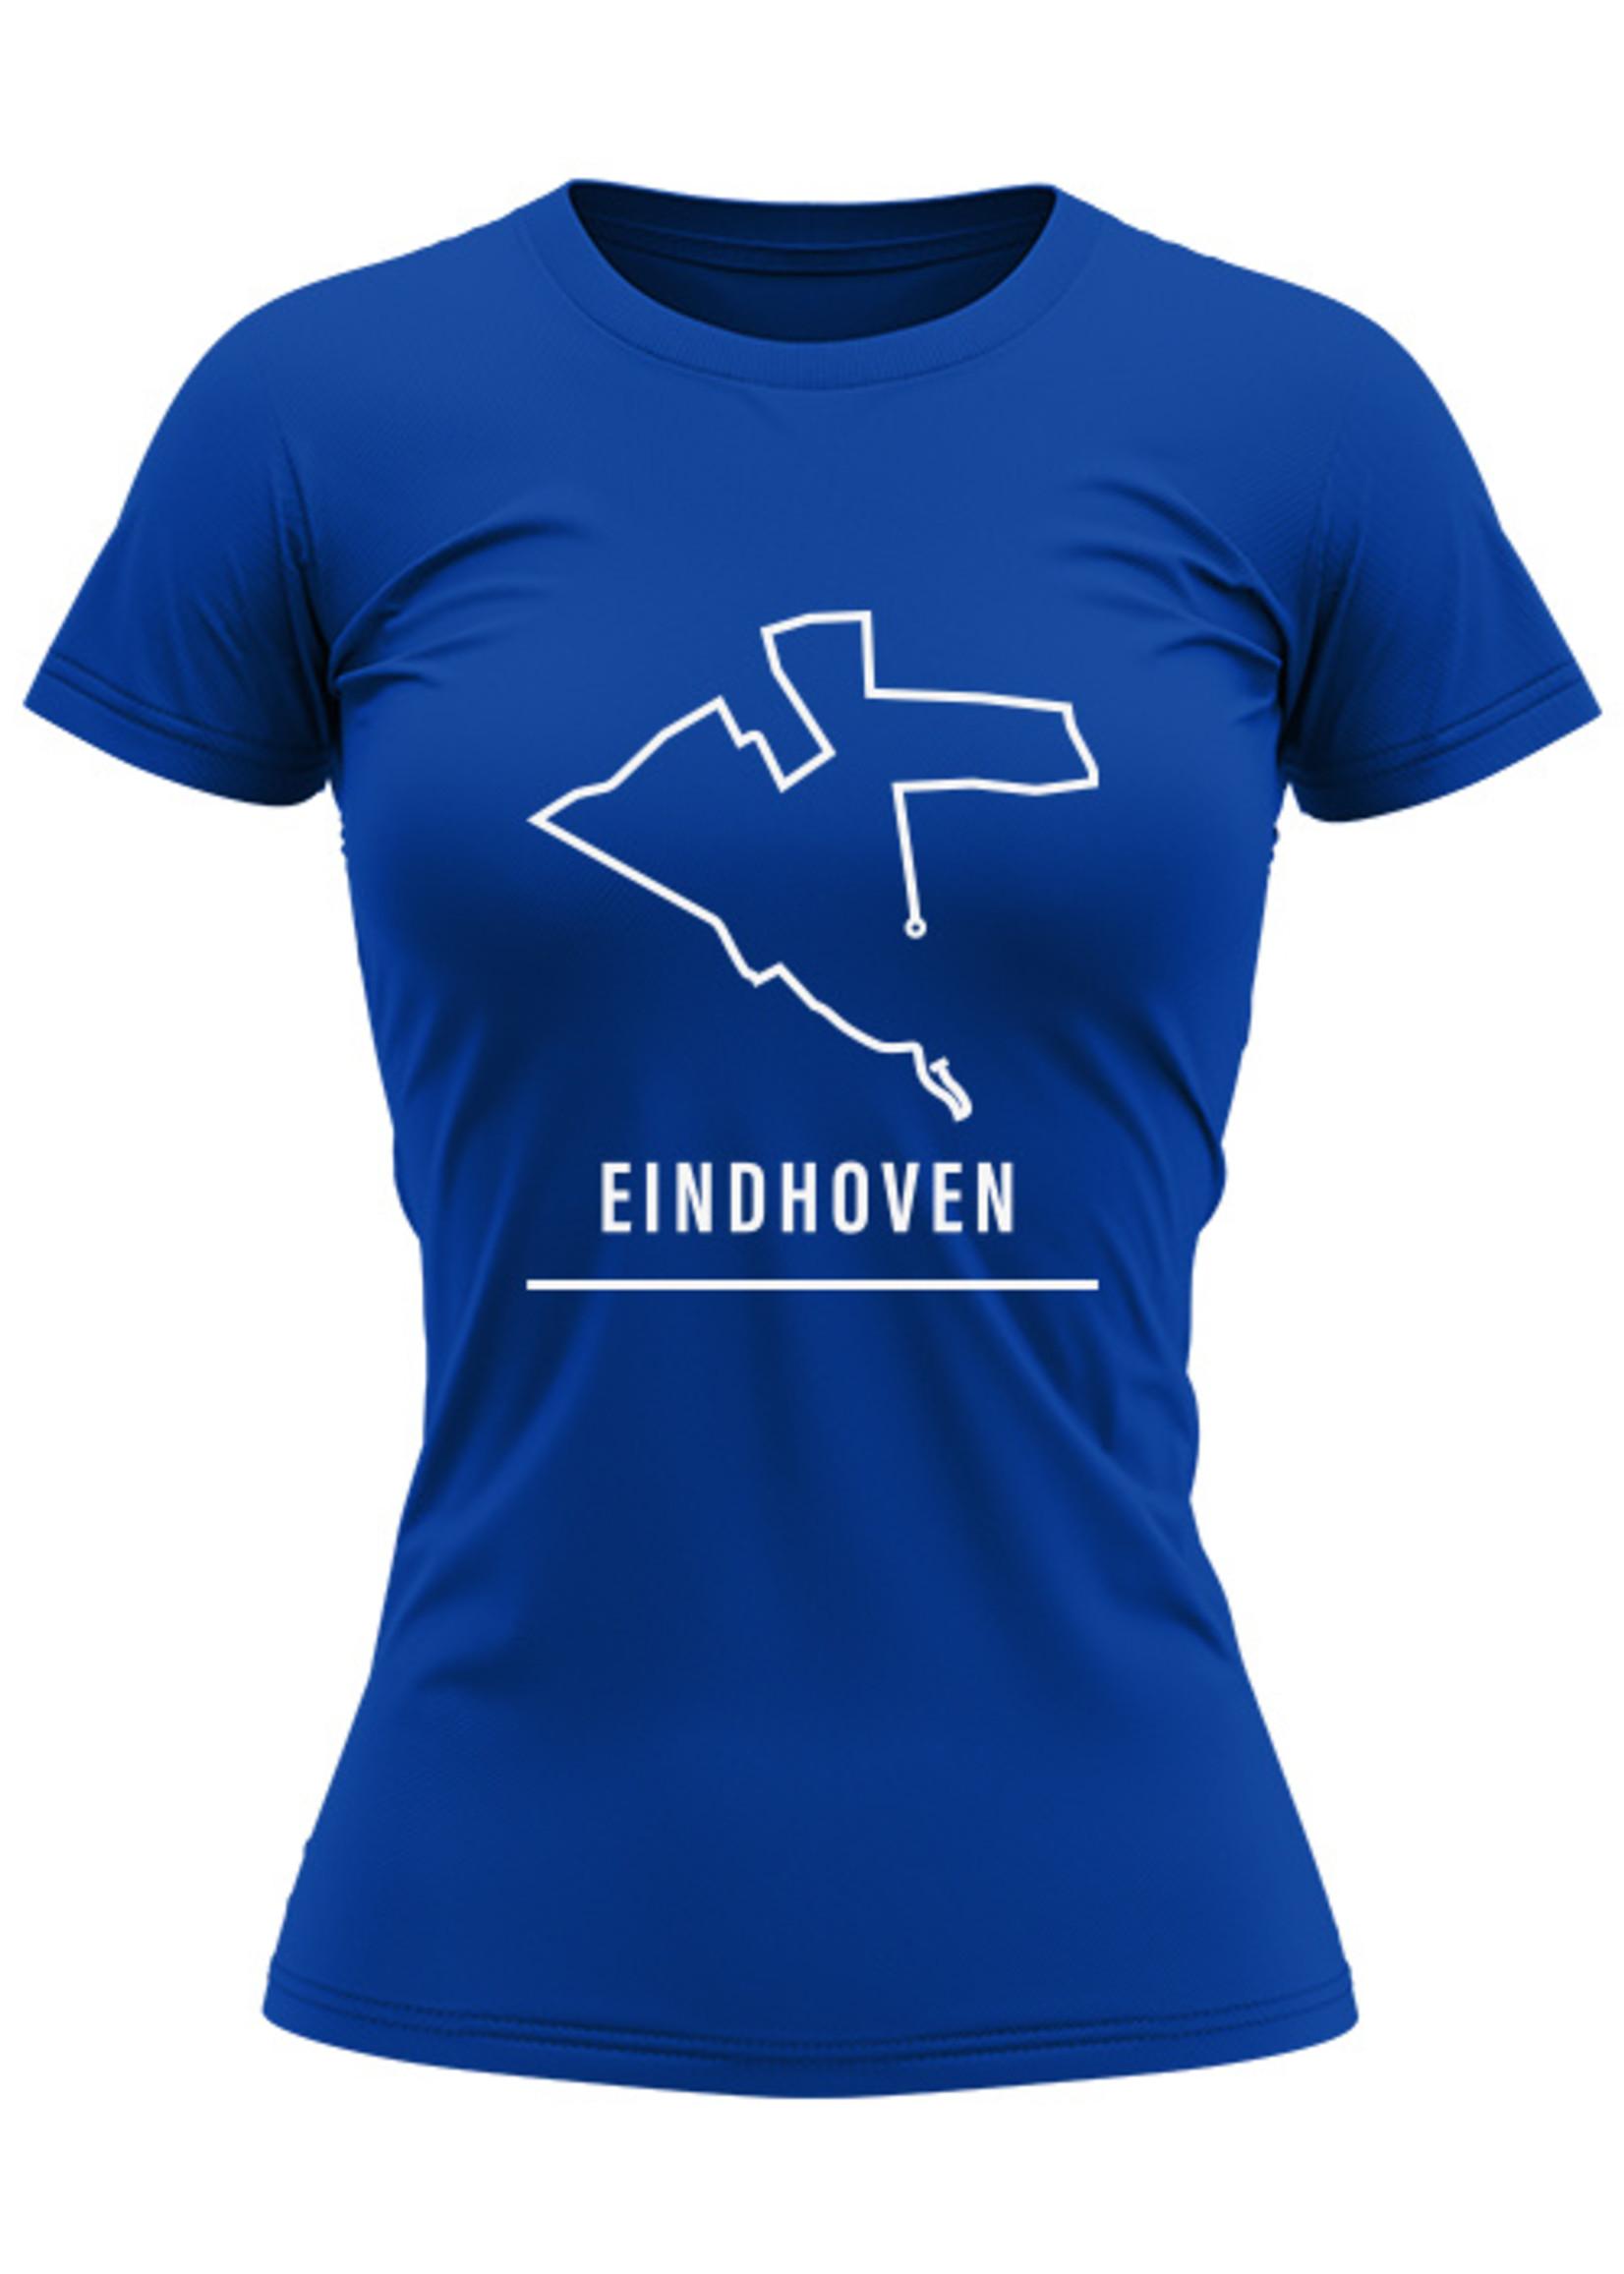 Rebel & Dutch Woman sportshirt Eindhoven halve marathon